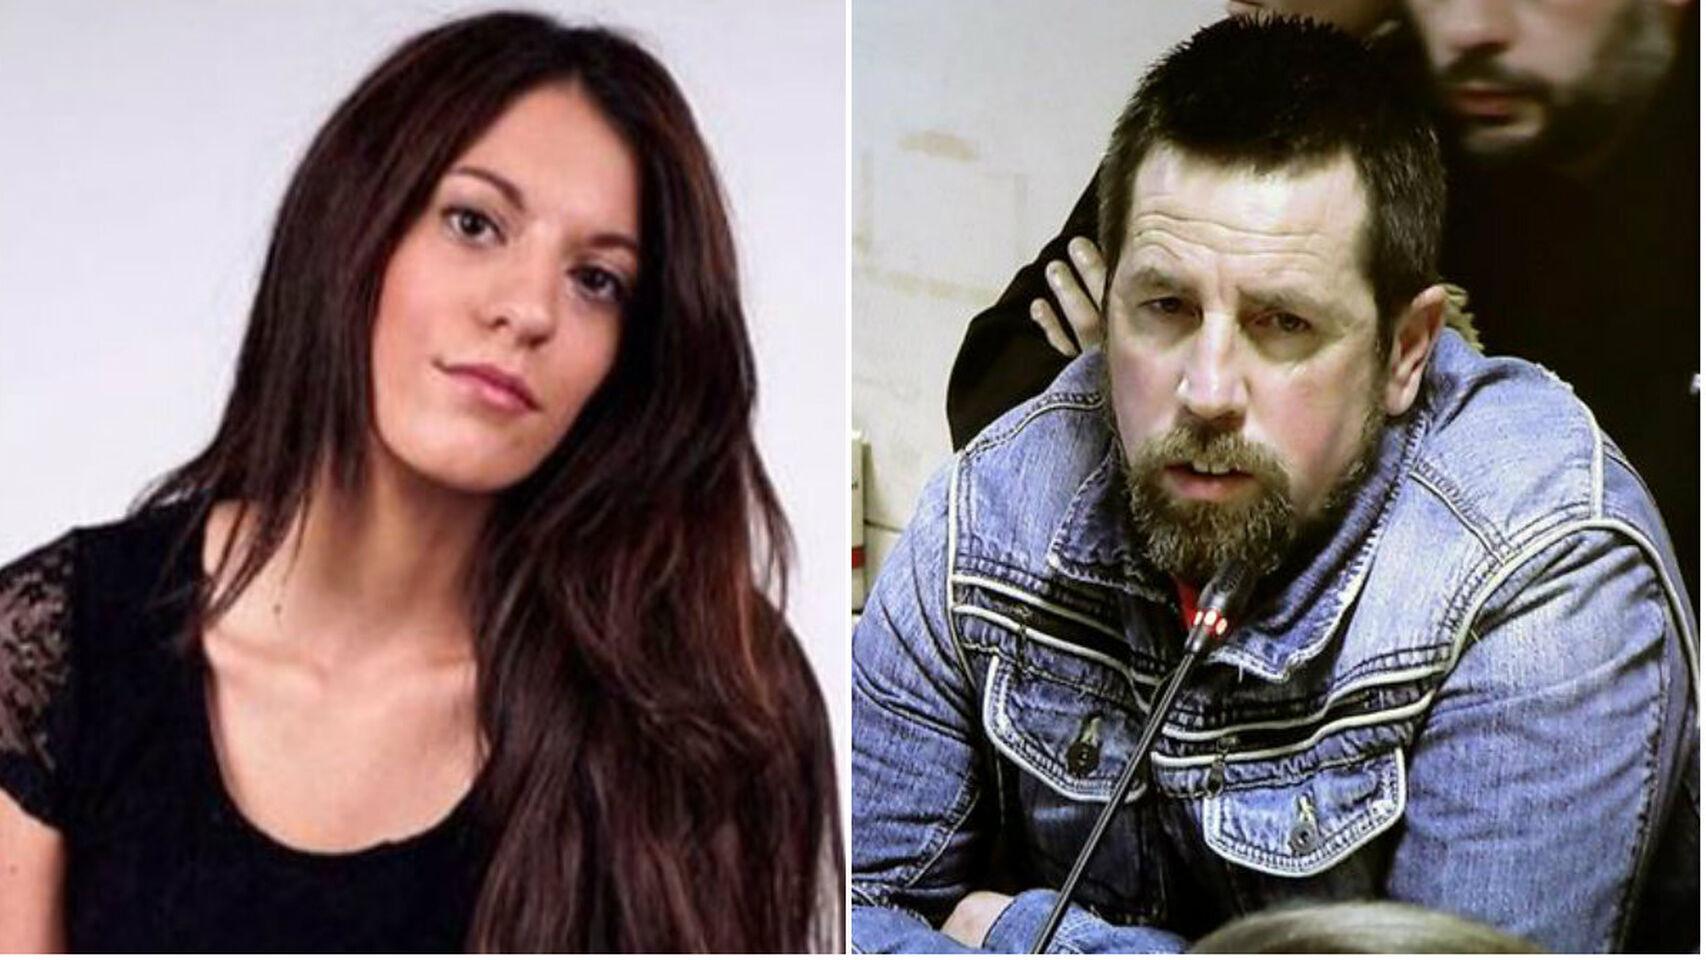 El TSJG ratifica la condena de prisión permanente para el 'Chicle', el asesino de Diana Quer